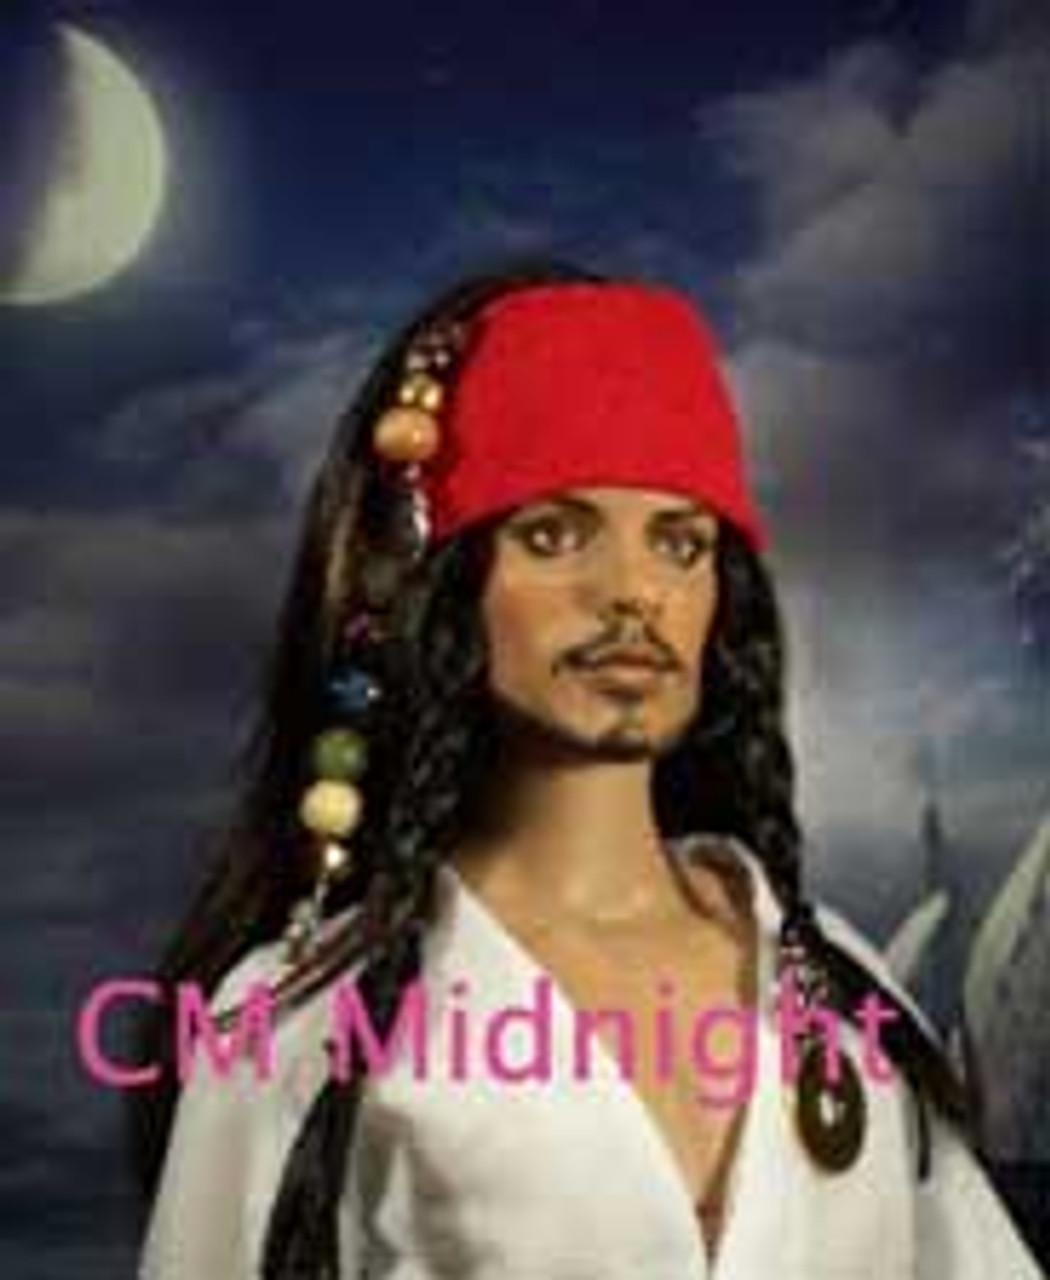 CM Midnight 1 Katsilk® Saran Doll Hair